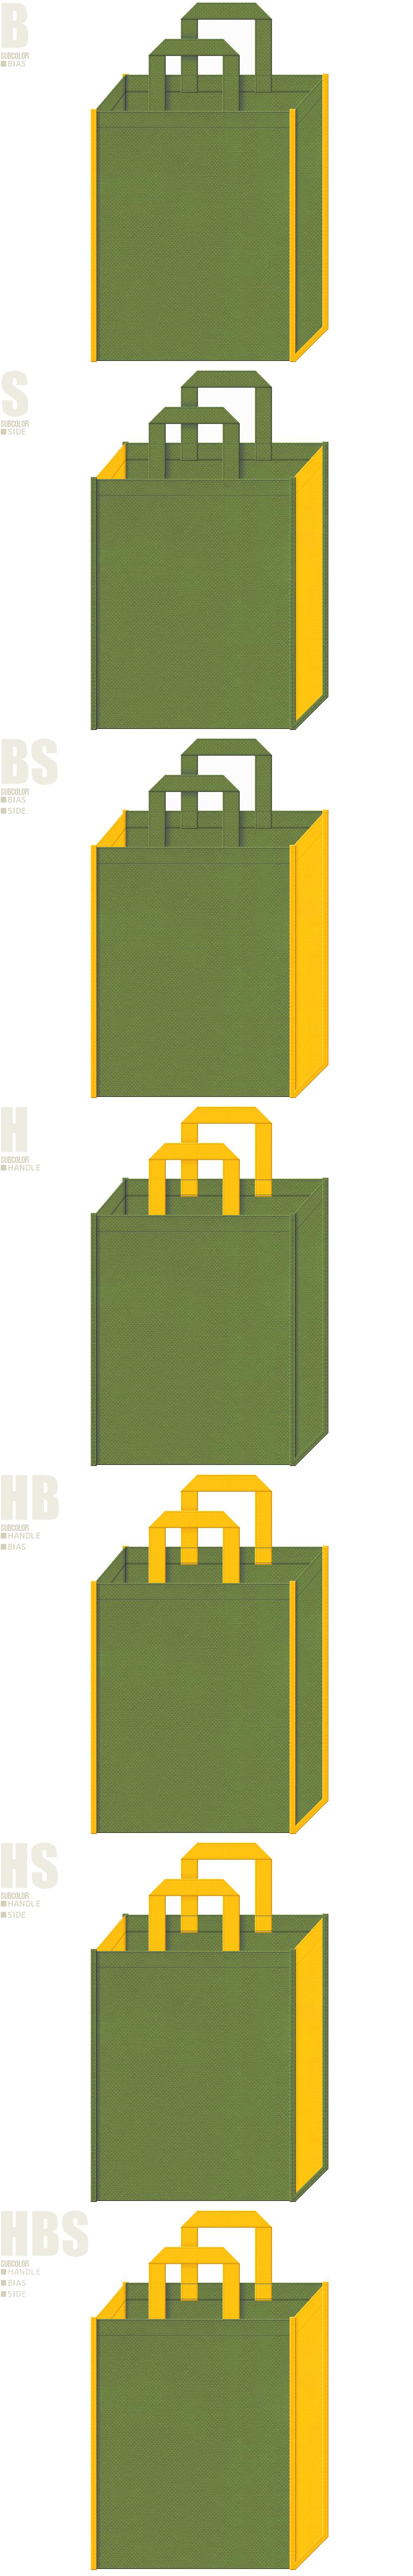 栗抹茶・和菓子・銘菓の展示会用バッグにお奨めの不織布バッグデザイン:草色と黄色の不織布バッグ配色7パターン。